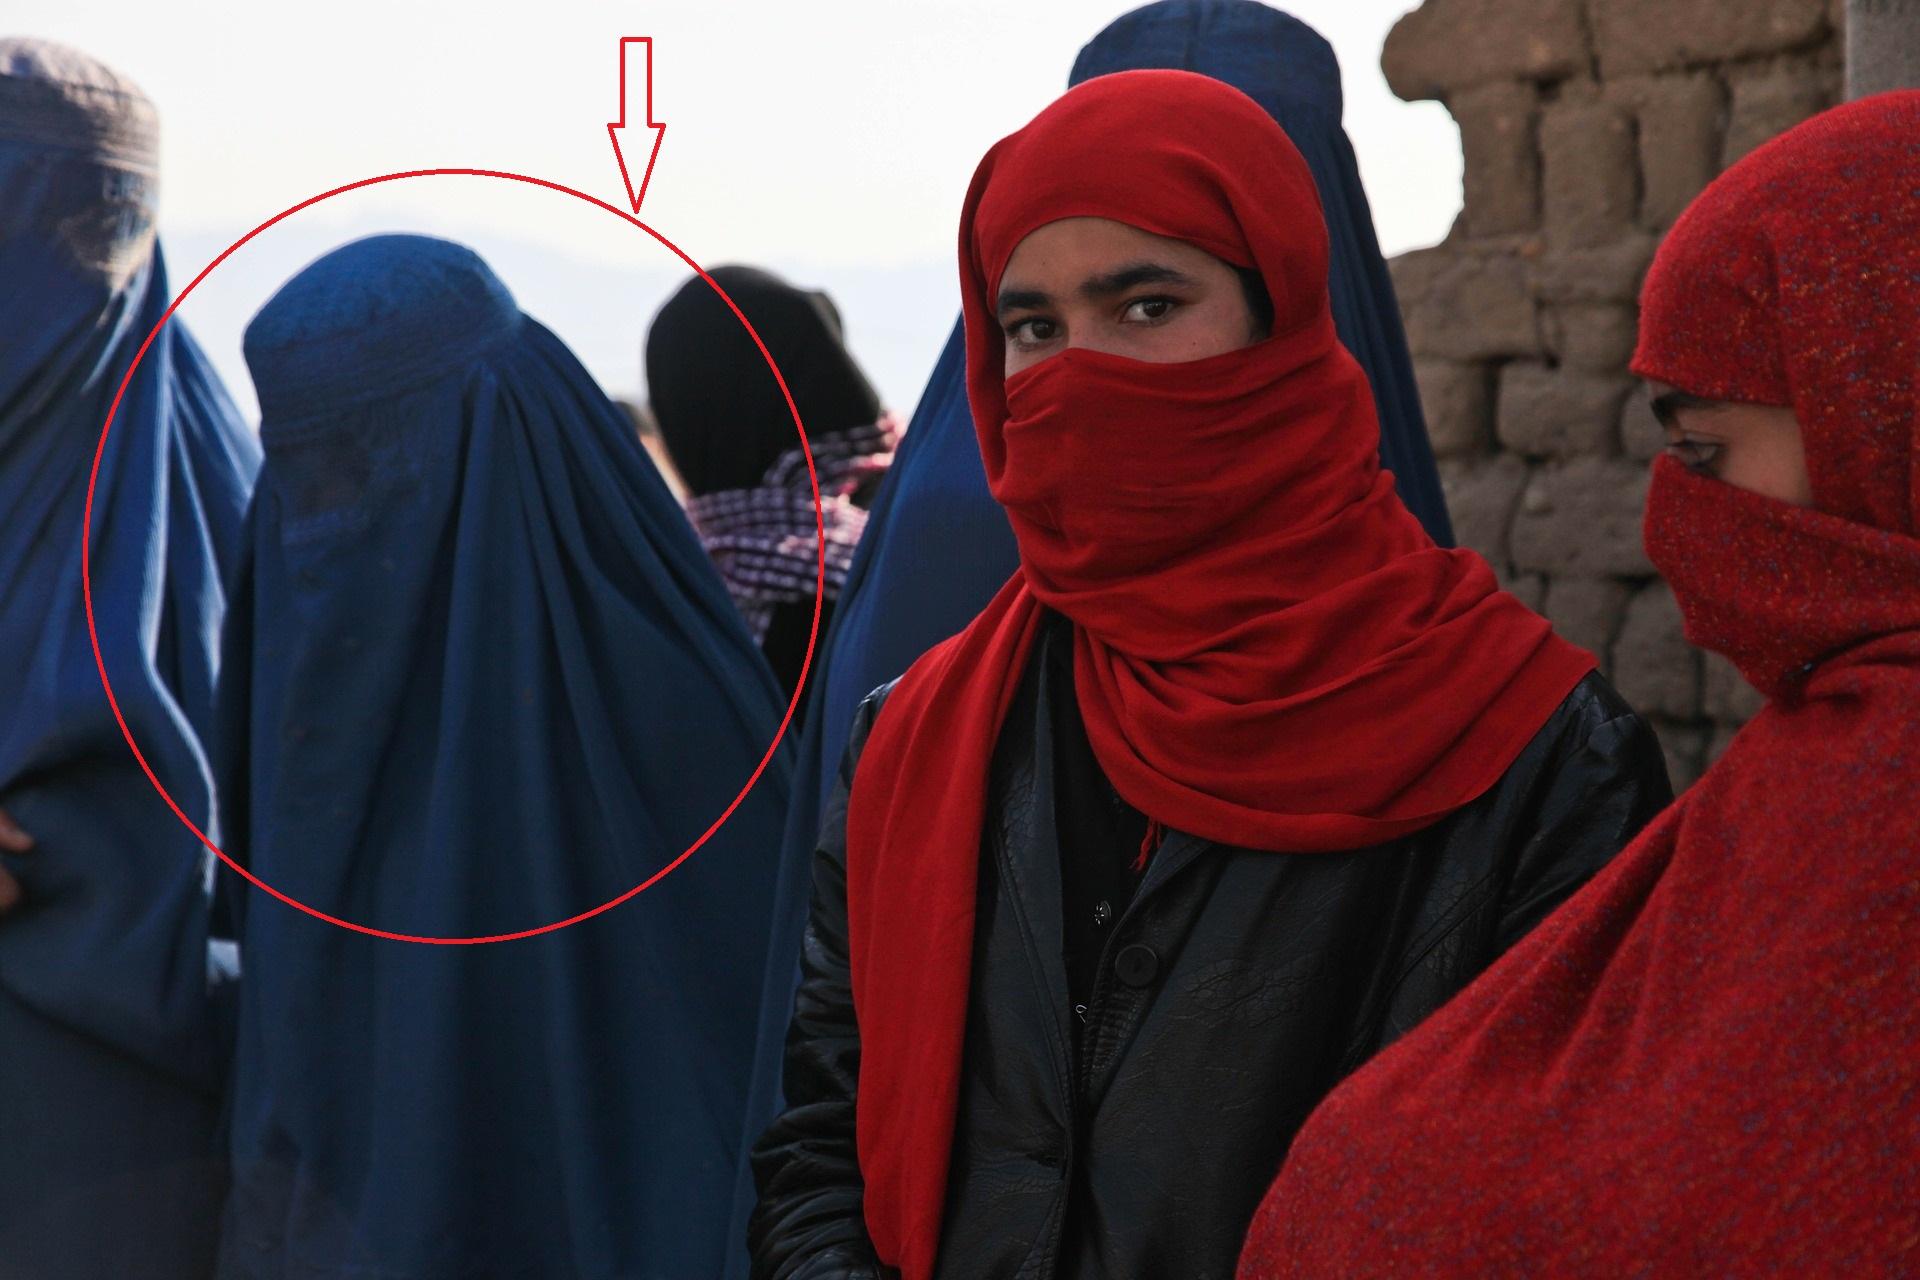 Betiltott burka - jó hír, vagy sérti a vallásszabadságot?